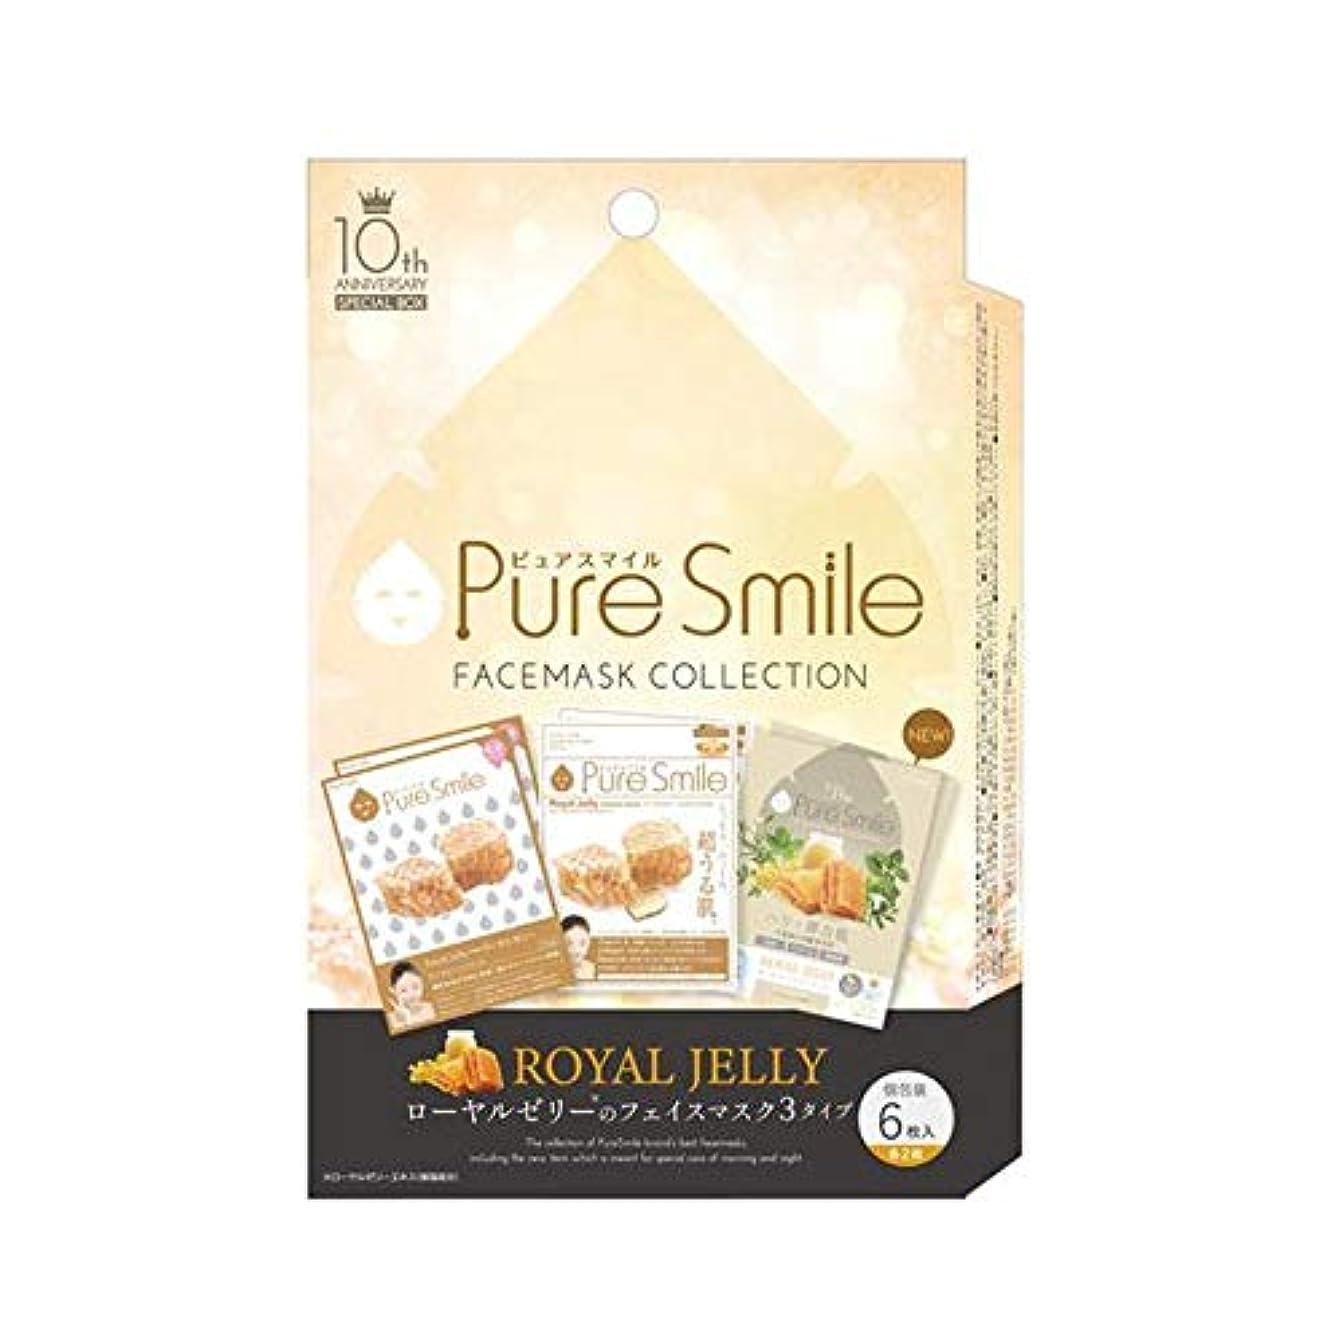 ジャンピングジャック疾患保安ピュア スマイル Pure Smile 10thアニバーサリー スペシャルボックス ローヤルゼリーエキス 6枚入り